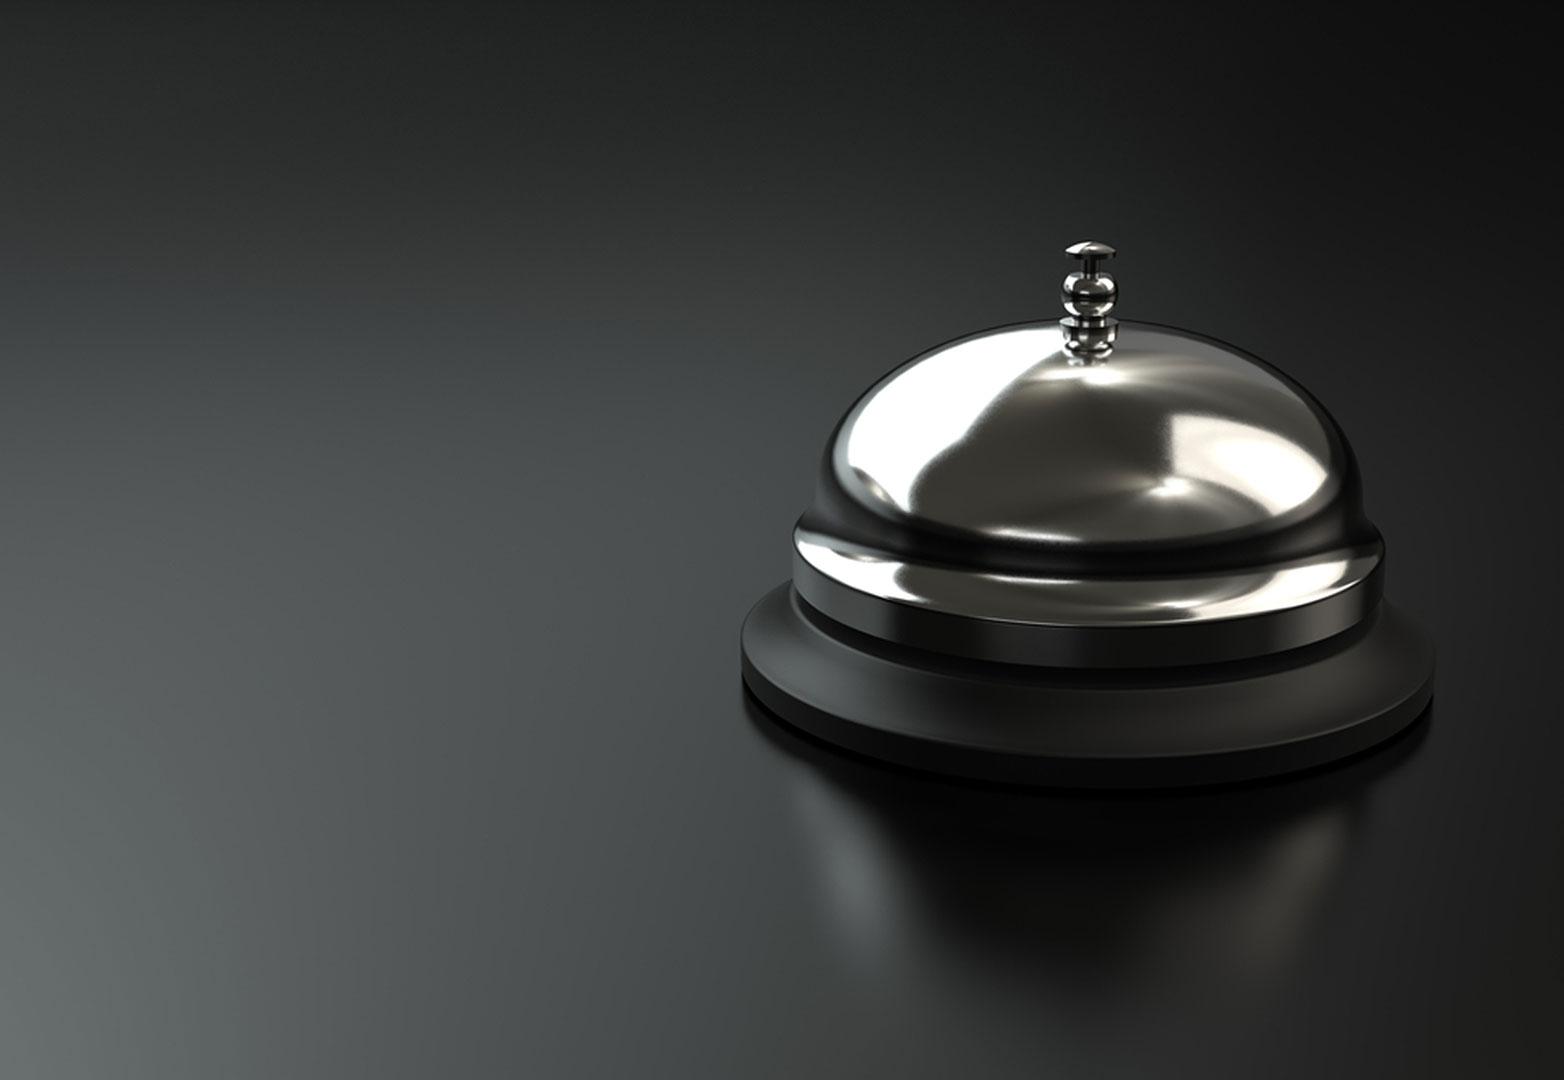 ارائه خدمات به مشتریان، مسئولیتی جدی و ارزشآفرین در کسب و کار سازمانها